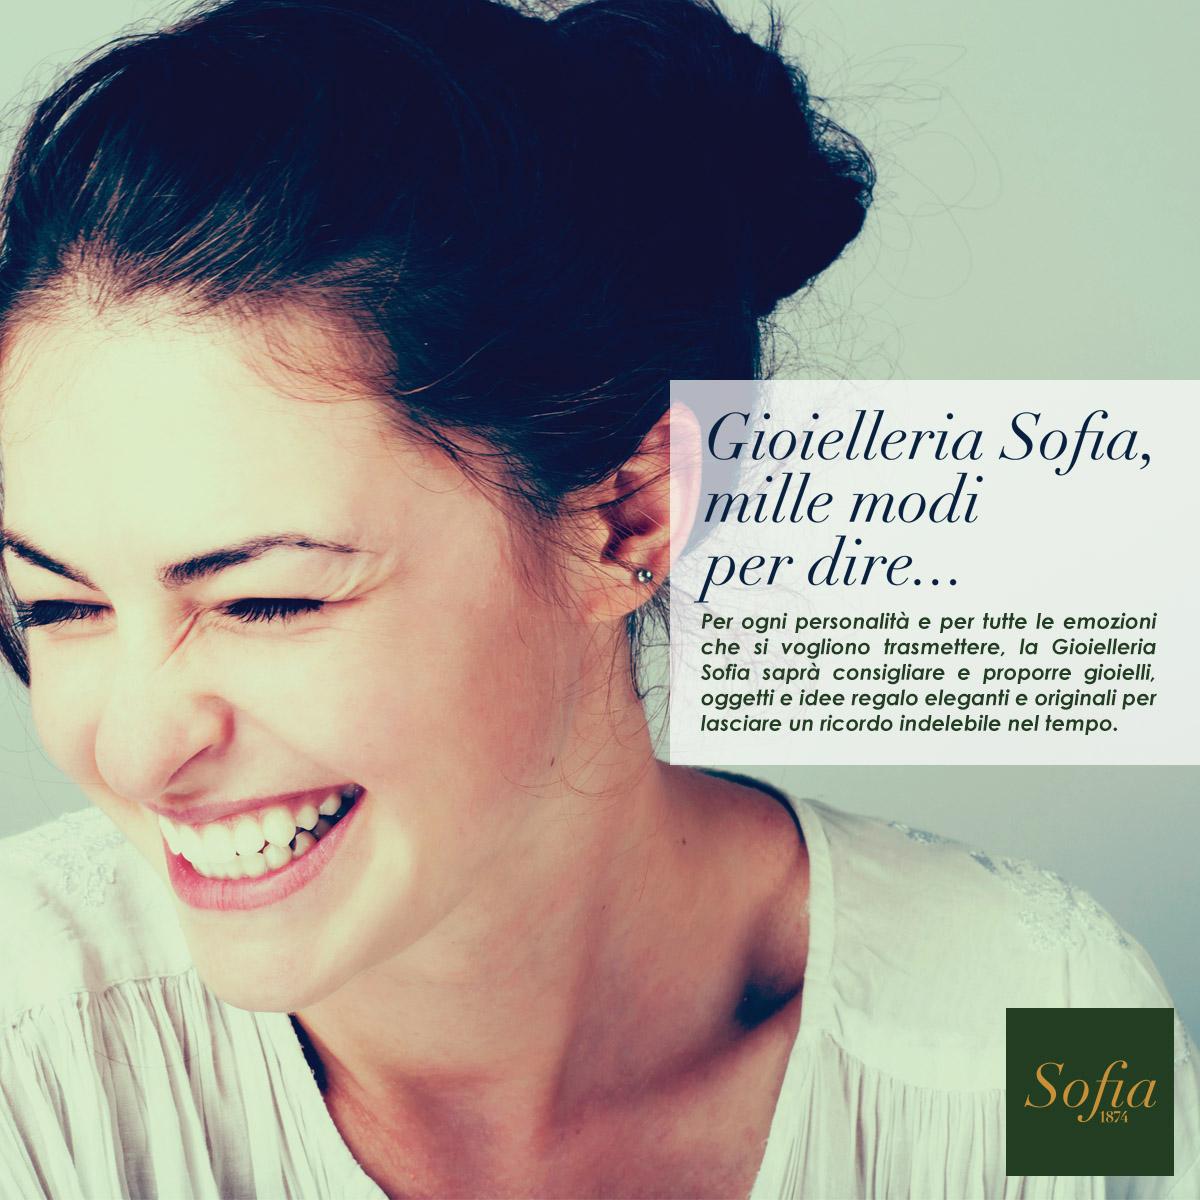 mille_modi_per_dire_sofia